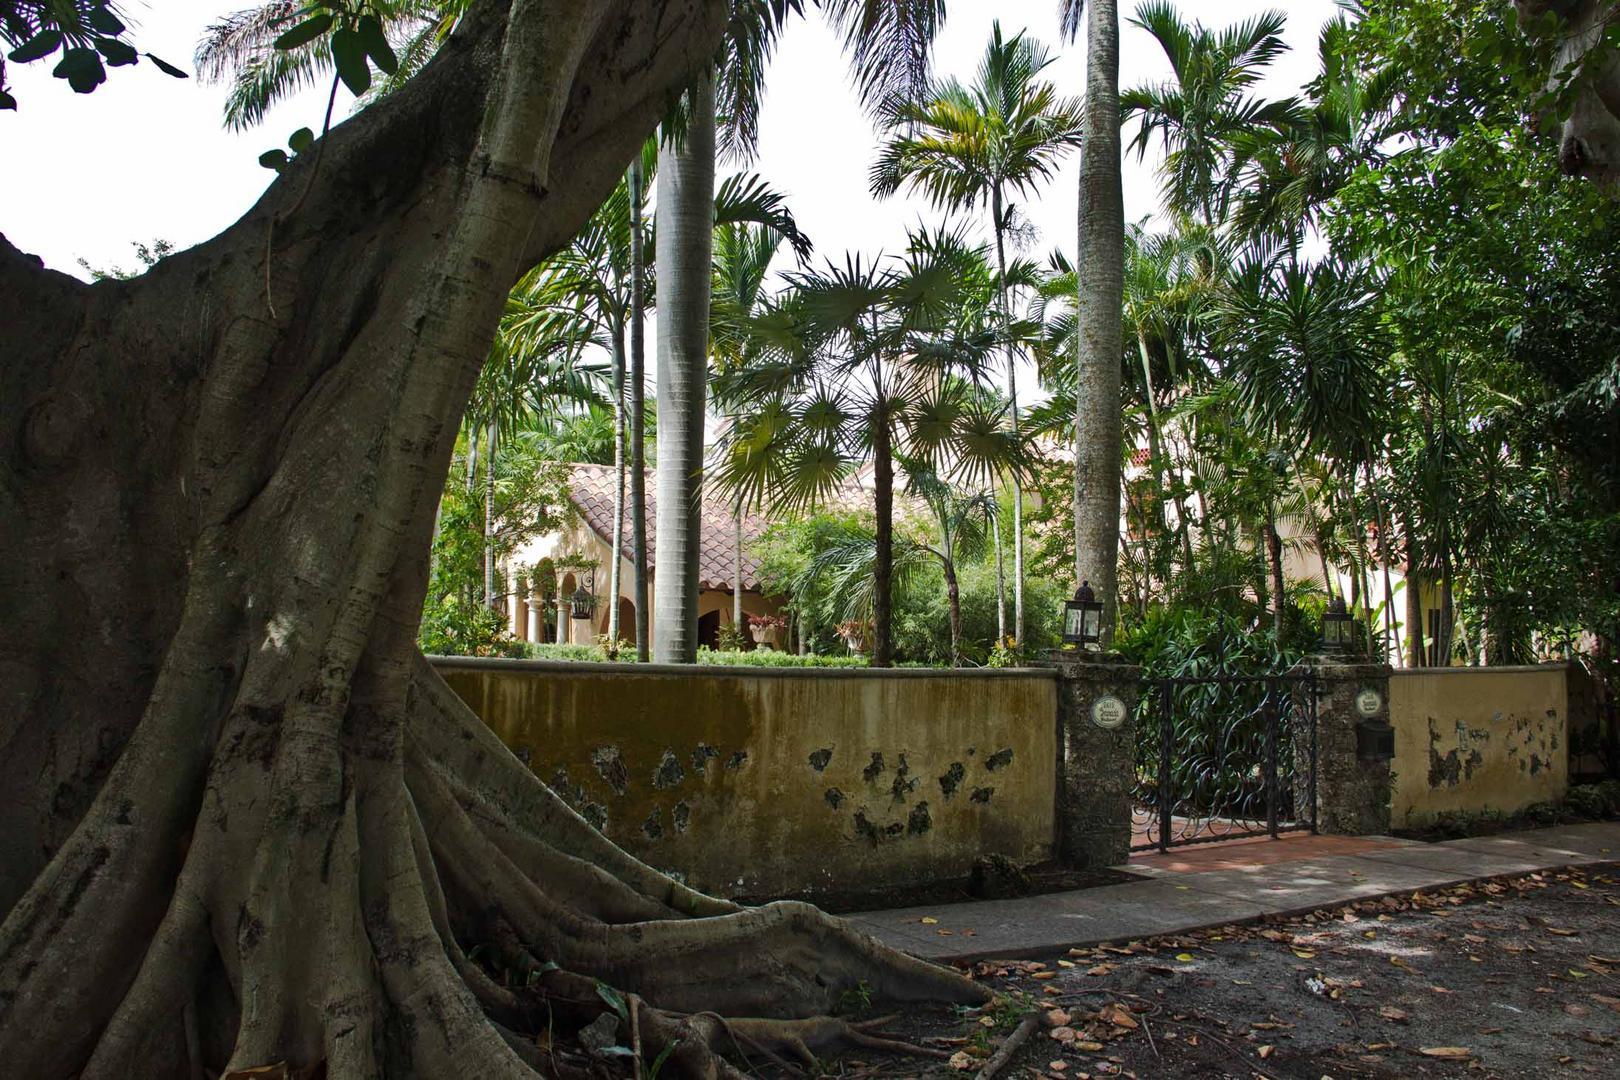 Miami / Coral Gables # 5